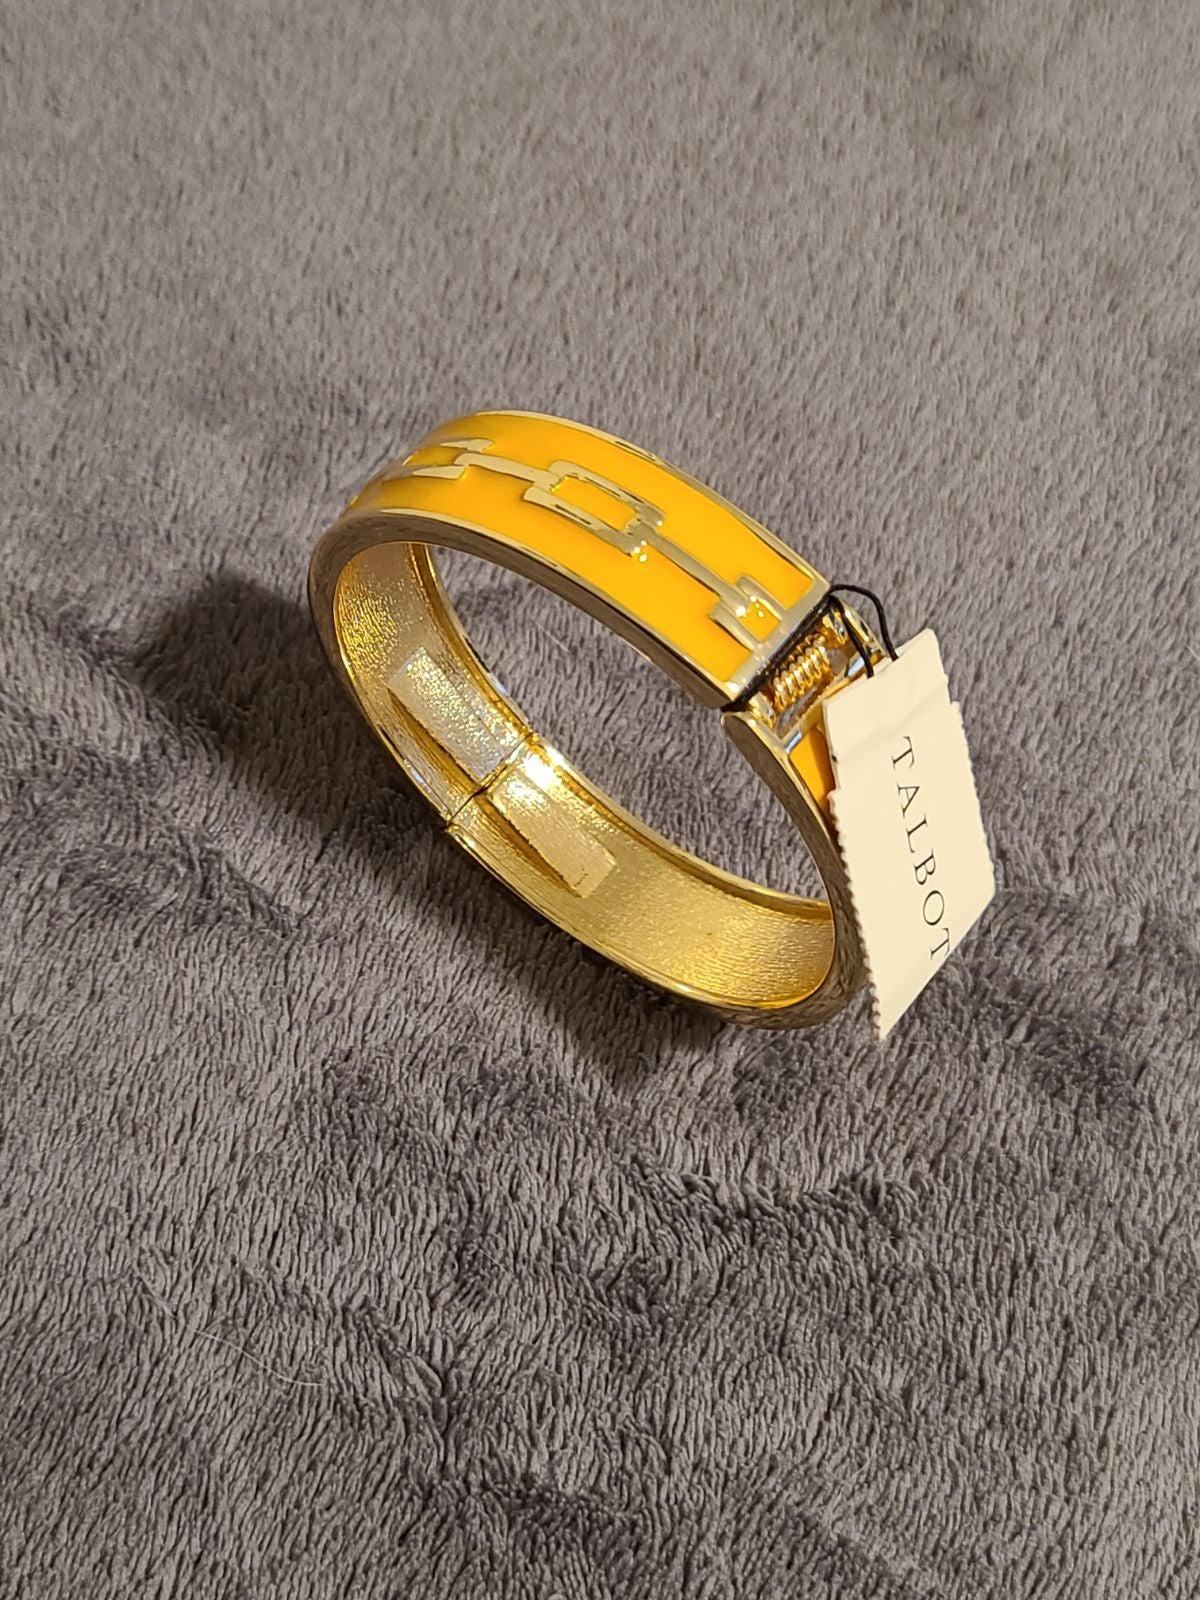 Talbot's Gold & Yellow Hinged Bracelet